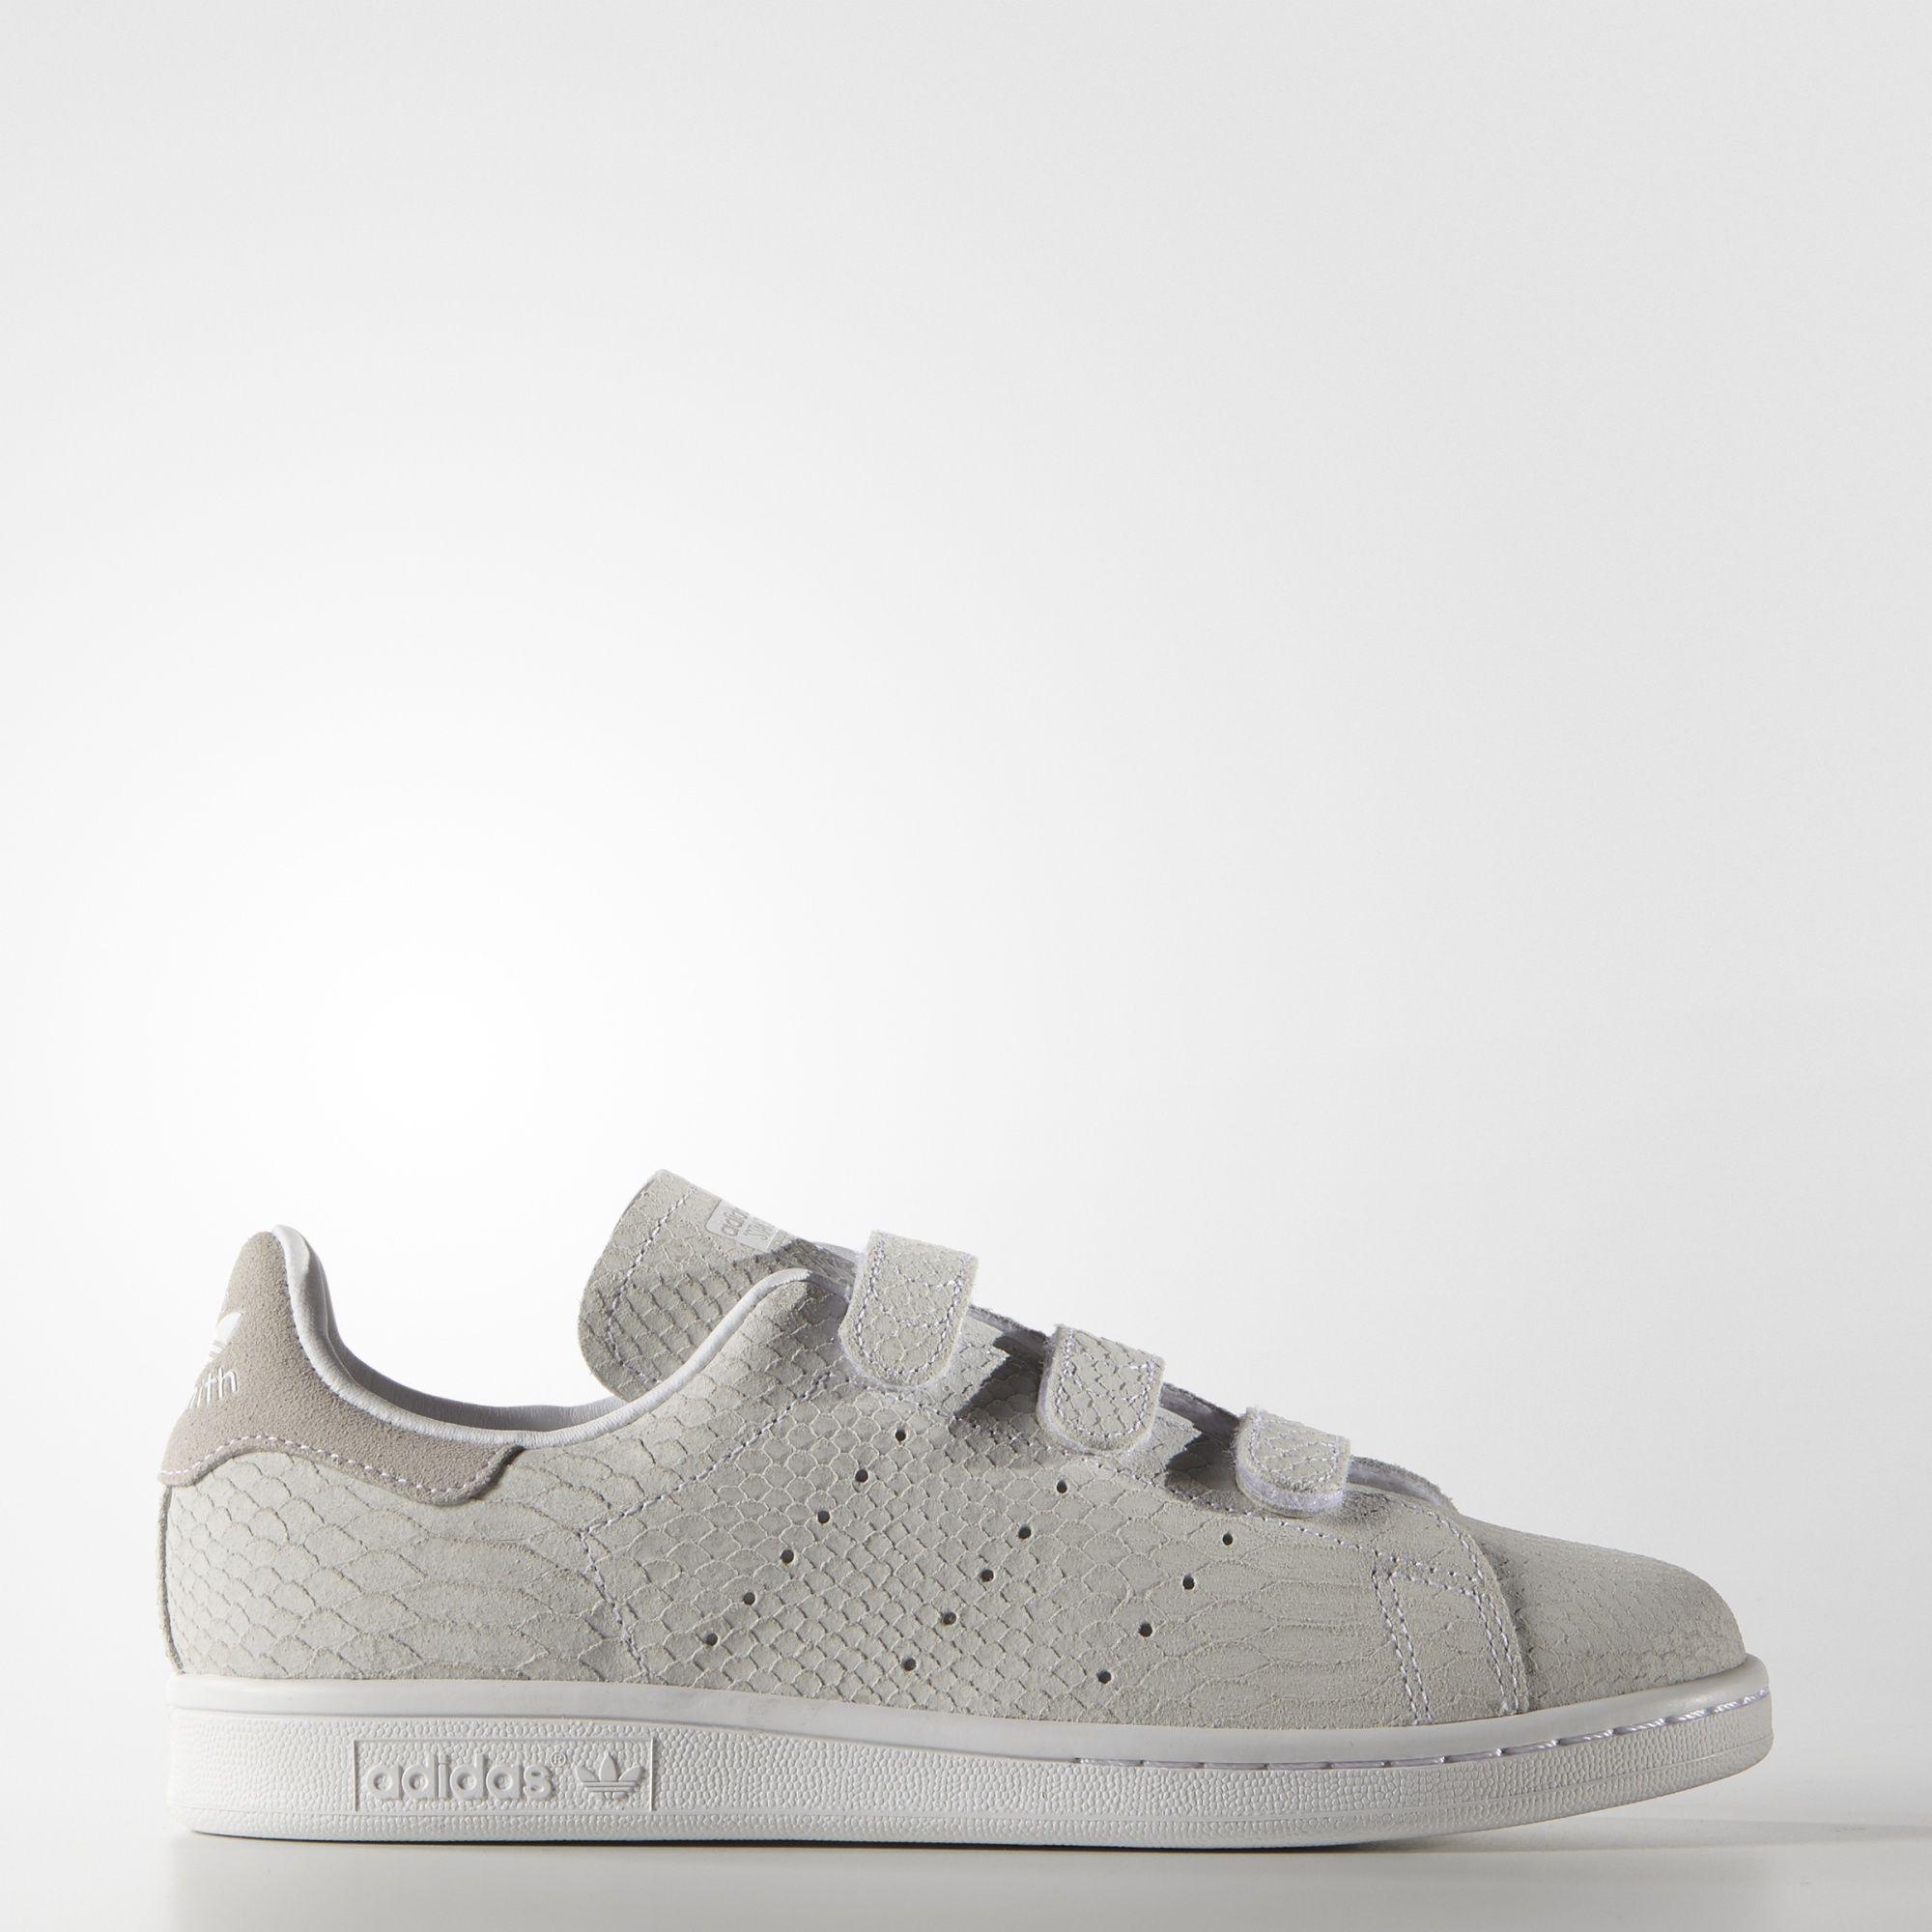 La zapatilla Stan Smith es célebre por su diseño elegante y sencillo. Esta  es su